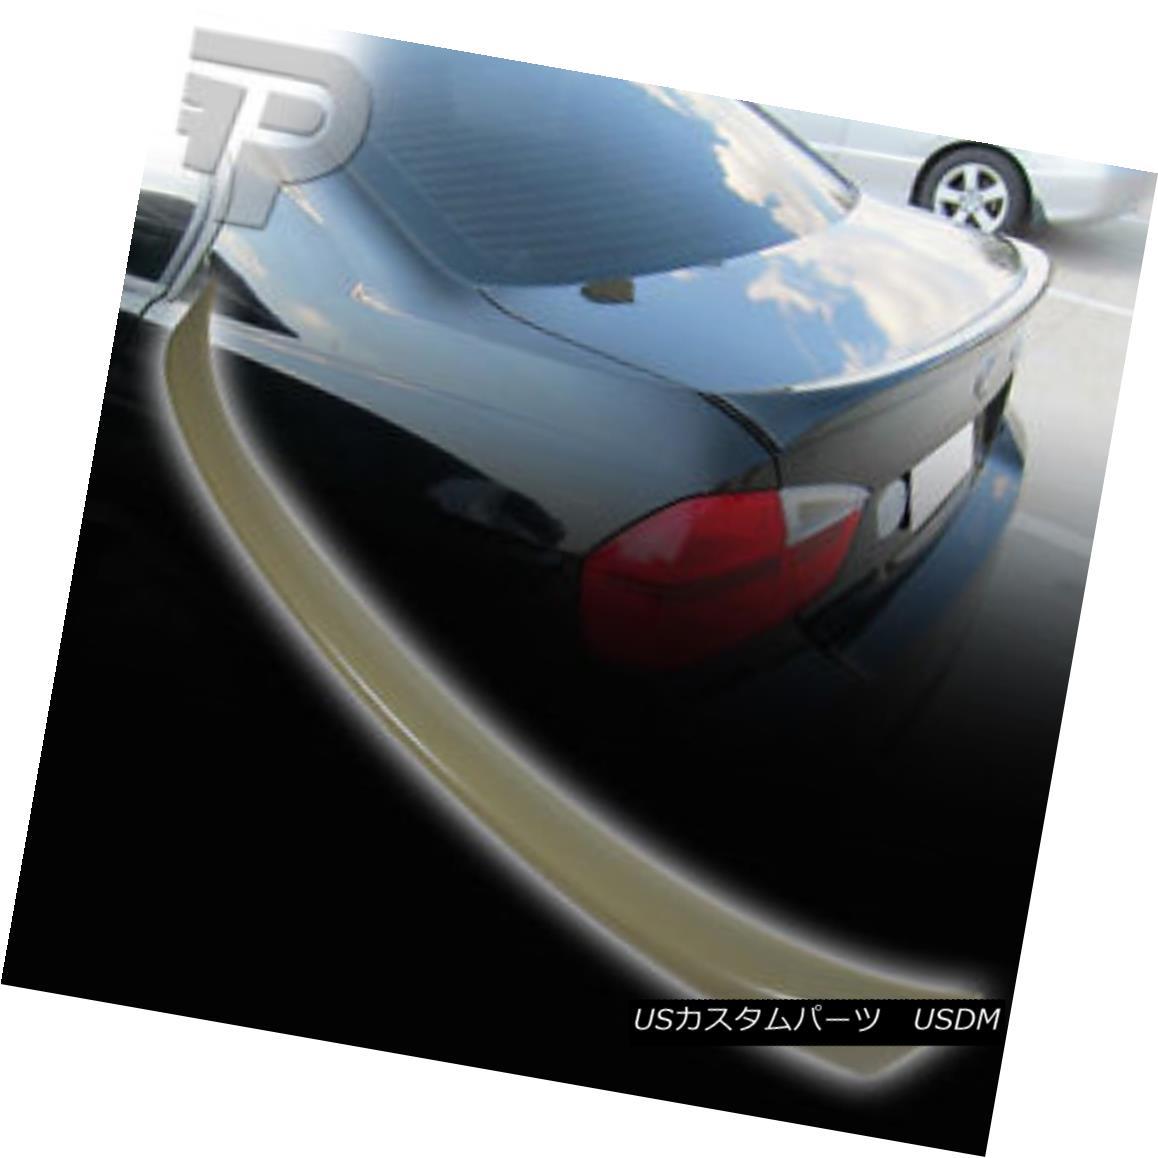 エアロパーツ BMW 3-SERIES E90 4D SEDAN OE TYPE REAR BOOT TRUNK SPOILER 06+ ▼ BMW 3シリーズE90 4DセダンOEタイプリアブーツトランクスポイラー06+?